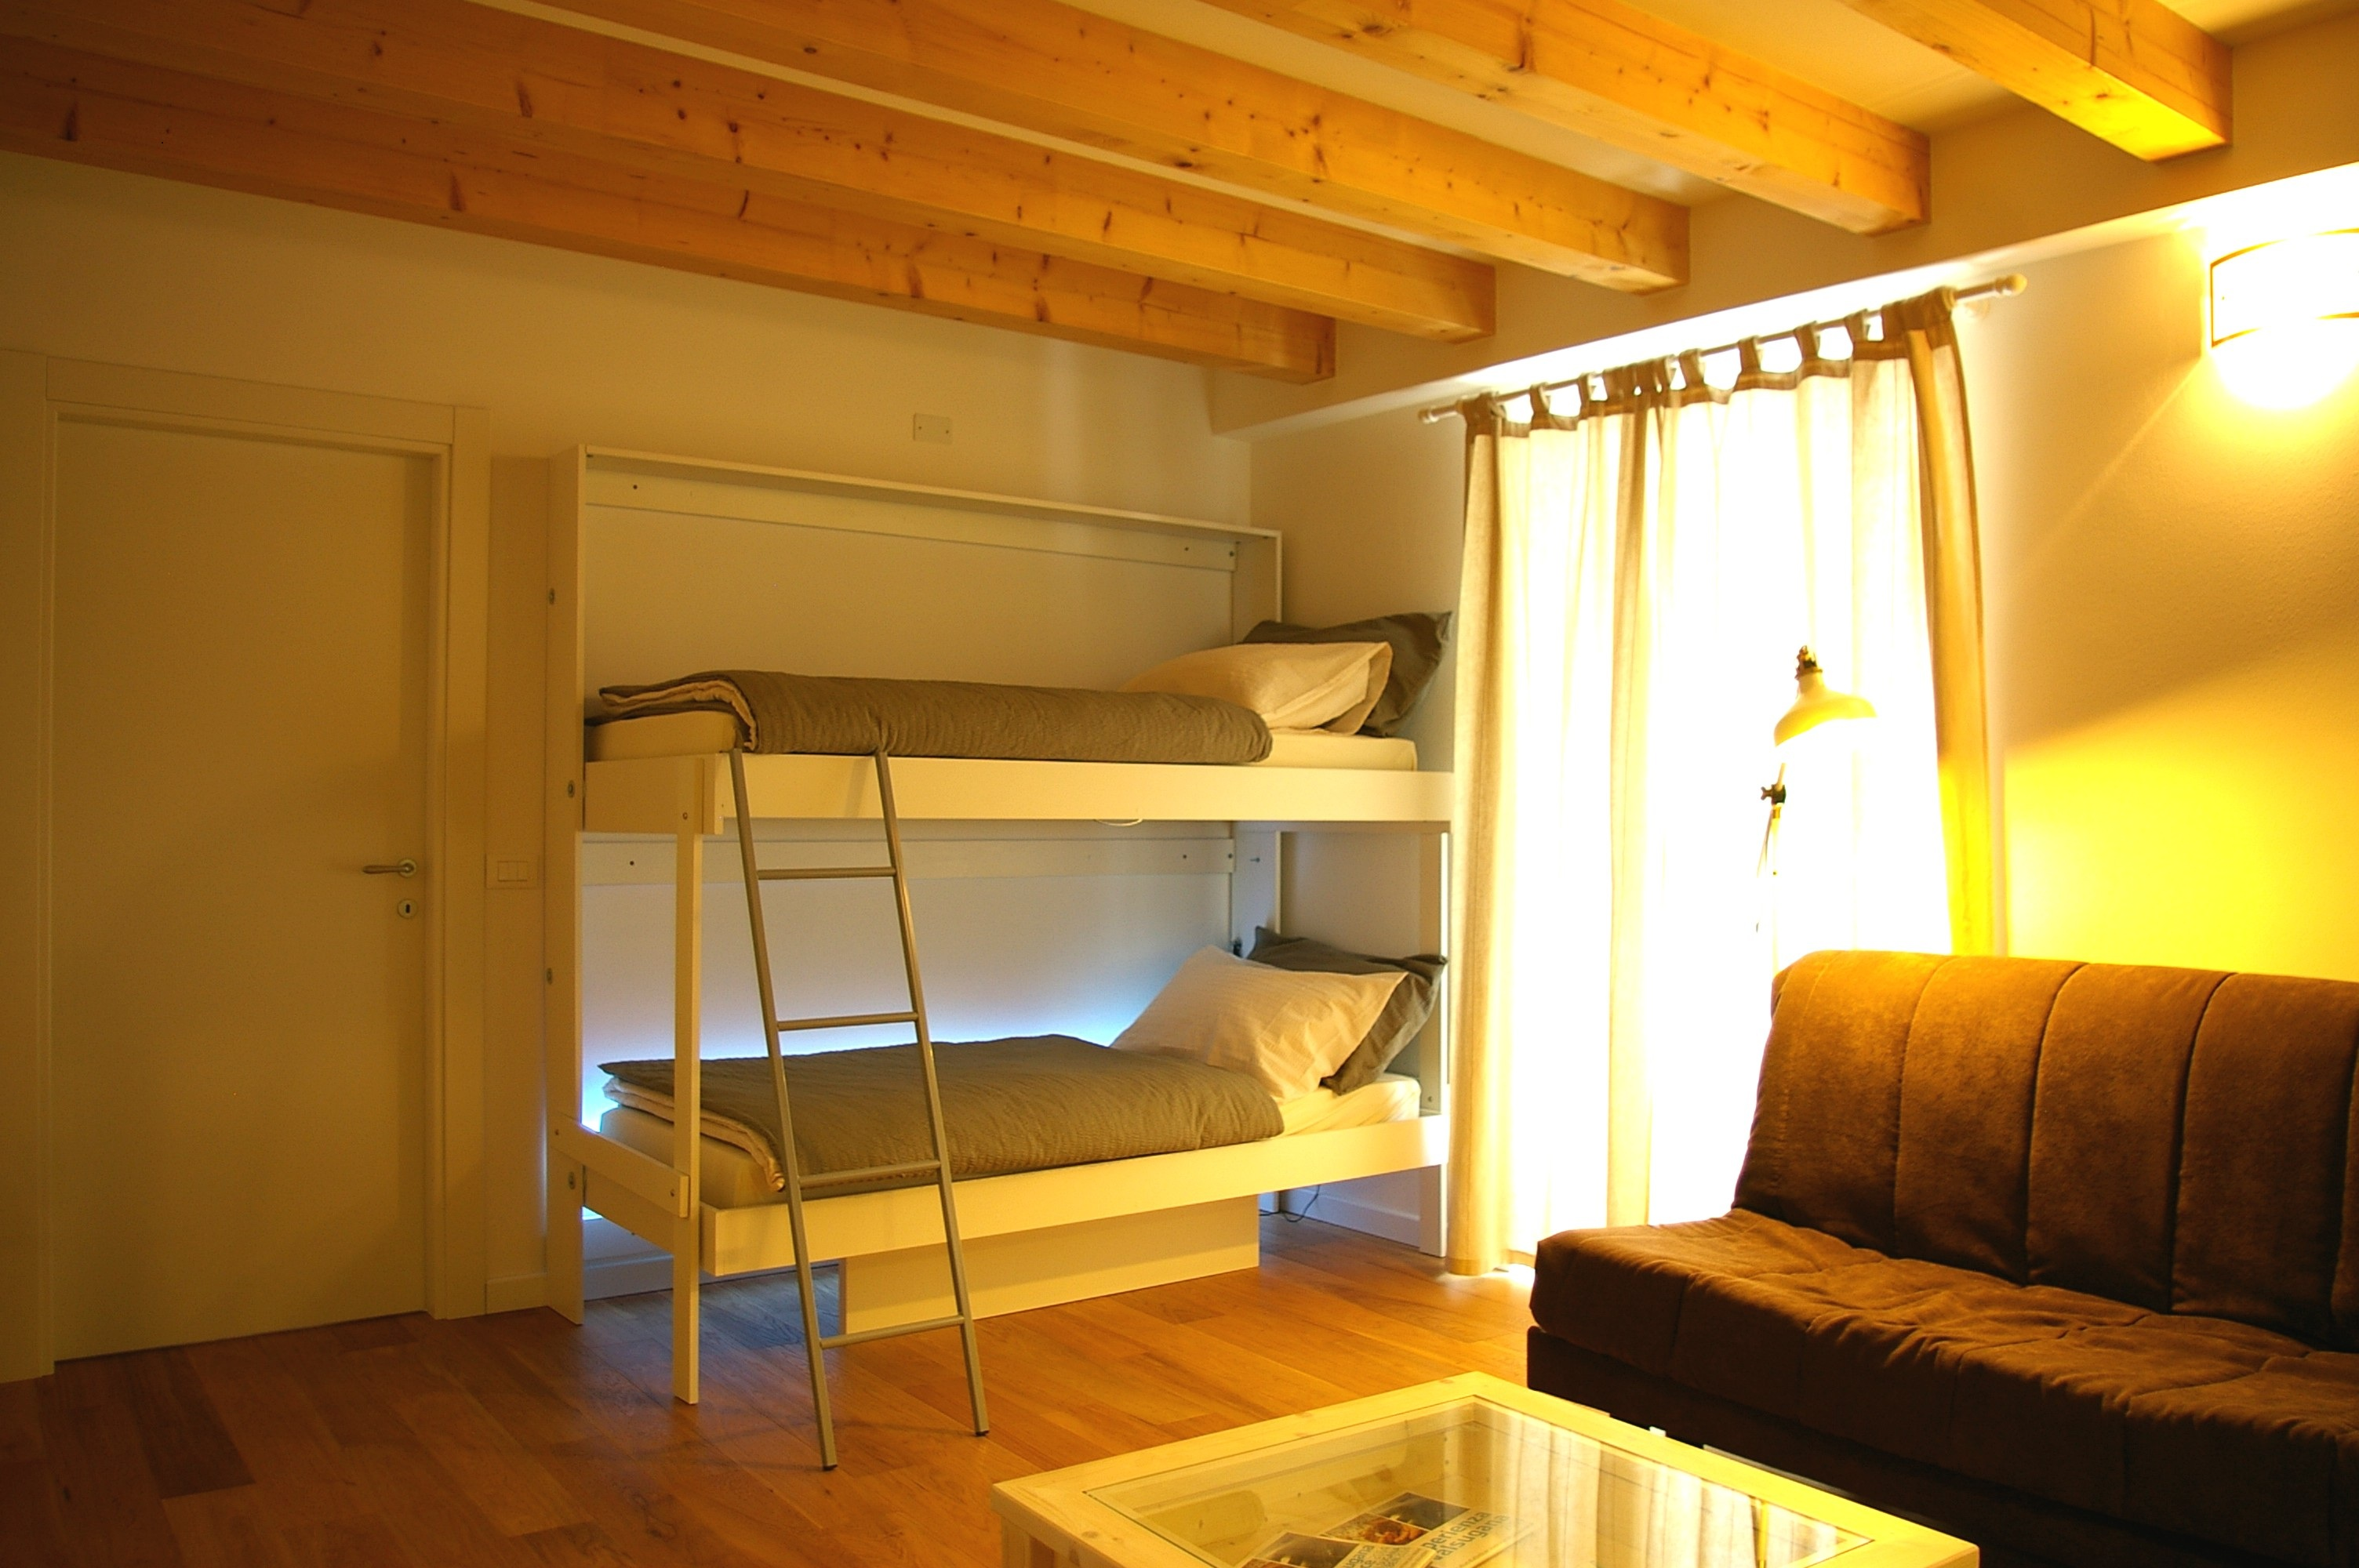 Letto a scomparsa a castello consolle doppia bed vivilospazio mobili trasformabili - Letto a parete a scomparsa ...